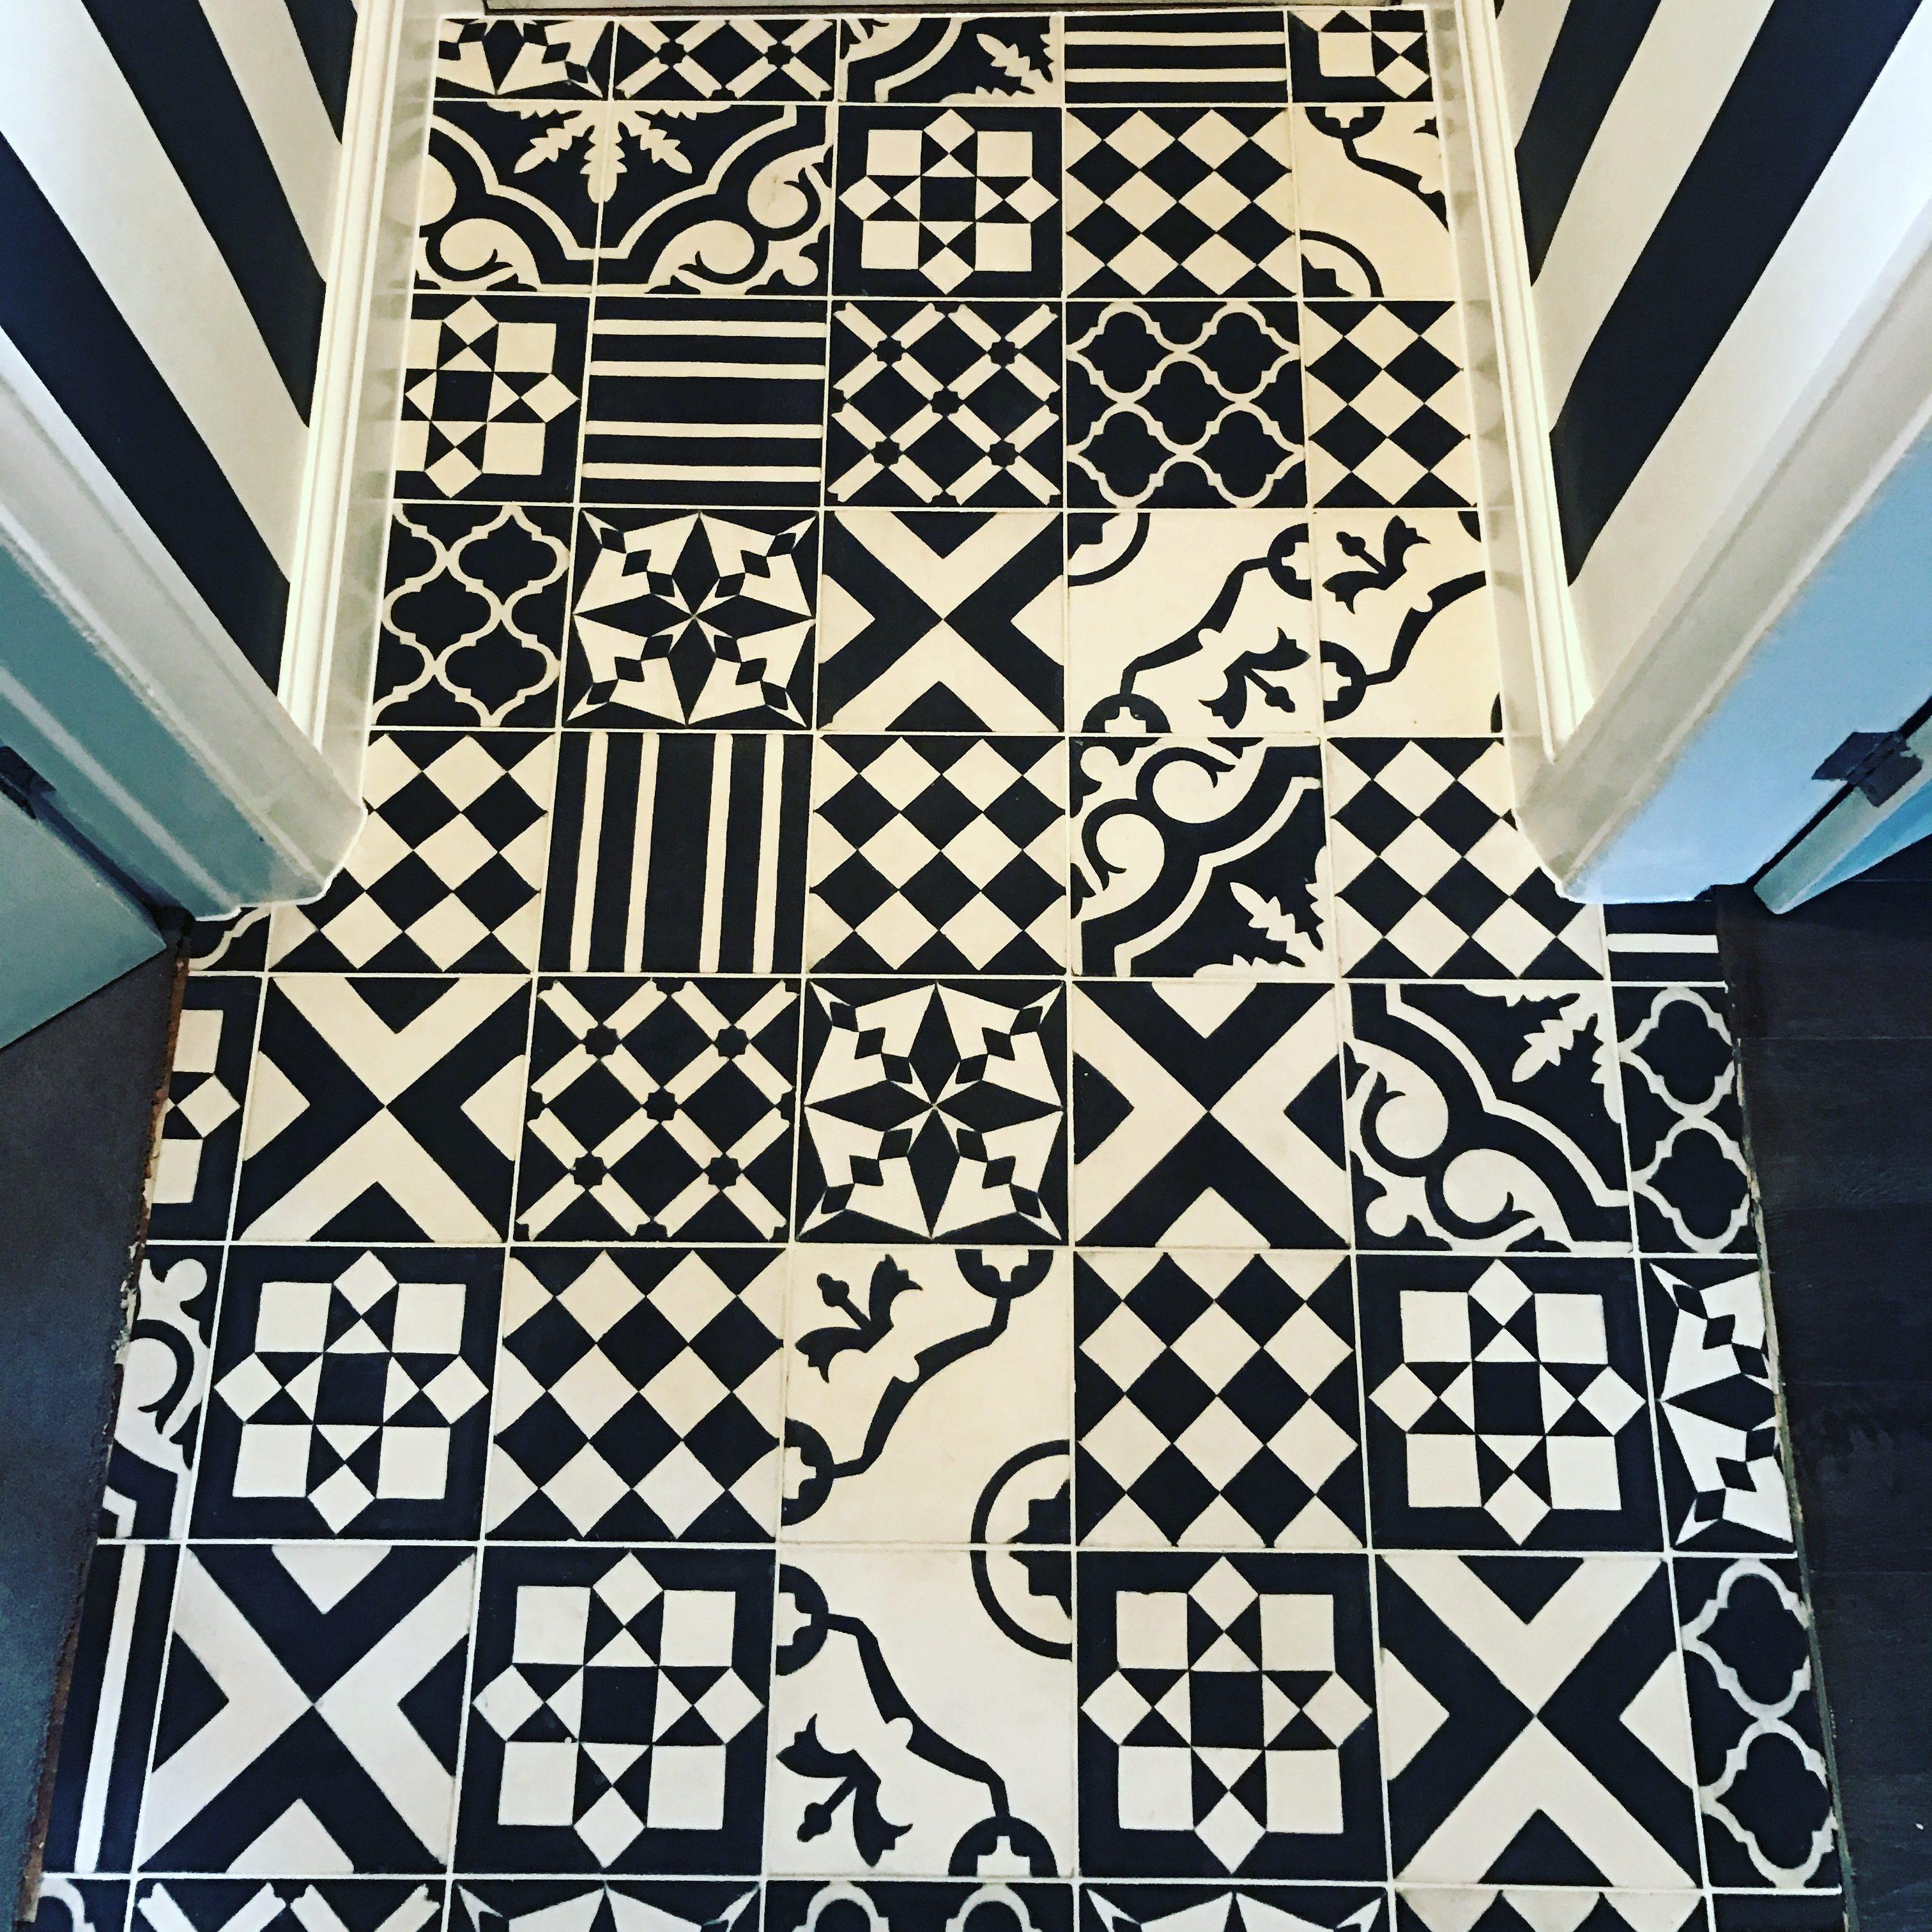 Encaustic flooring tiles in Sheffield